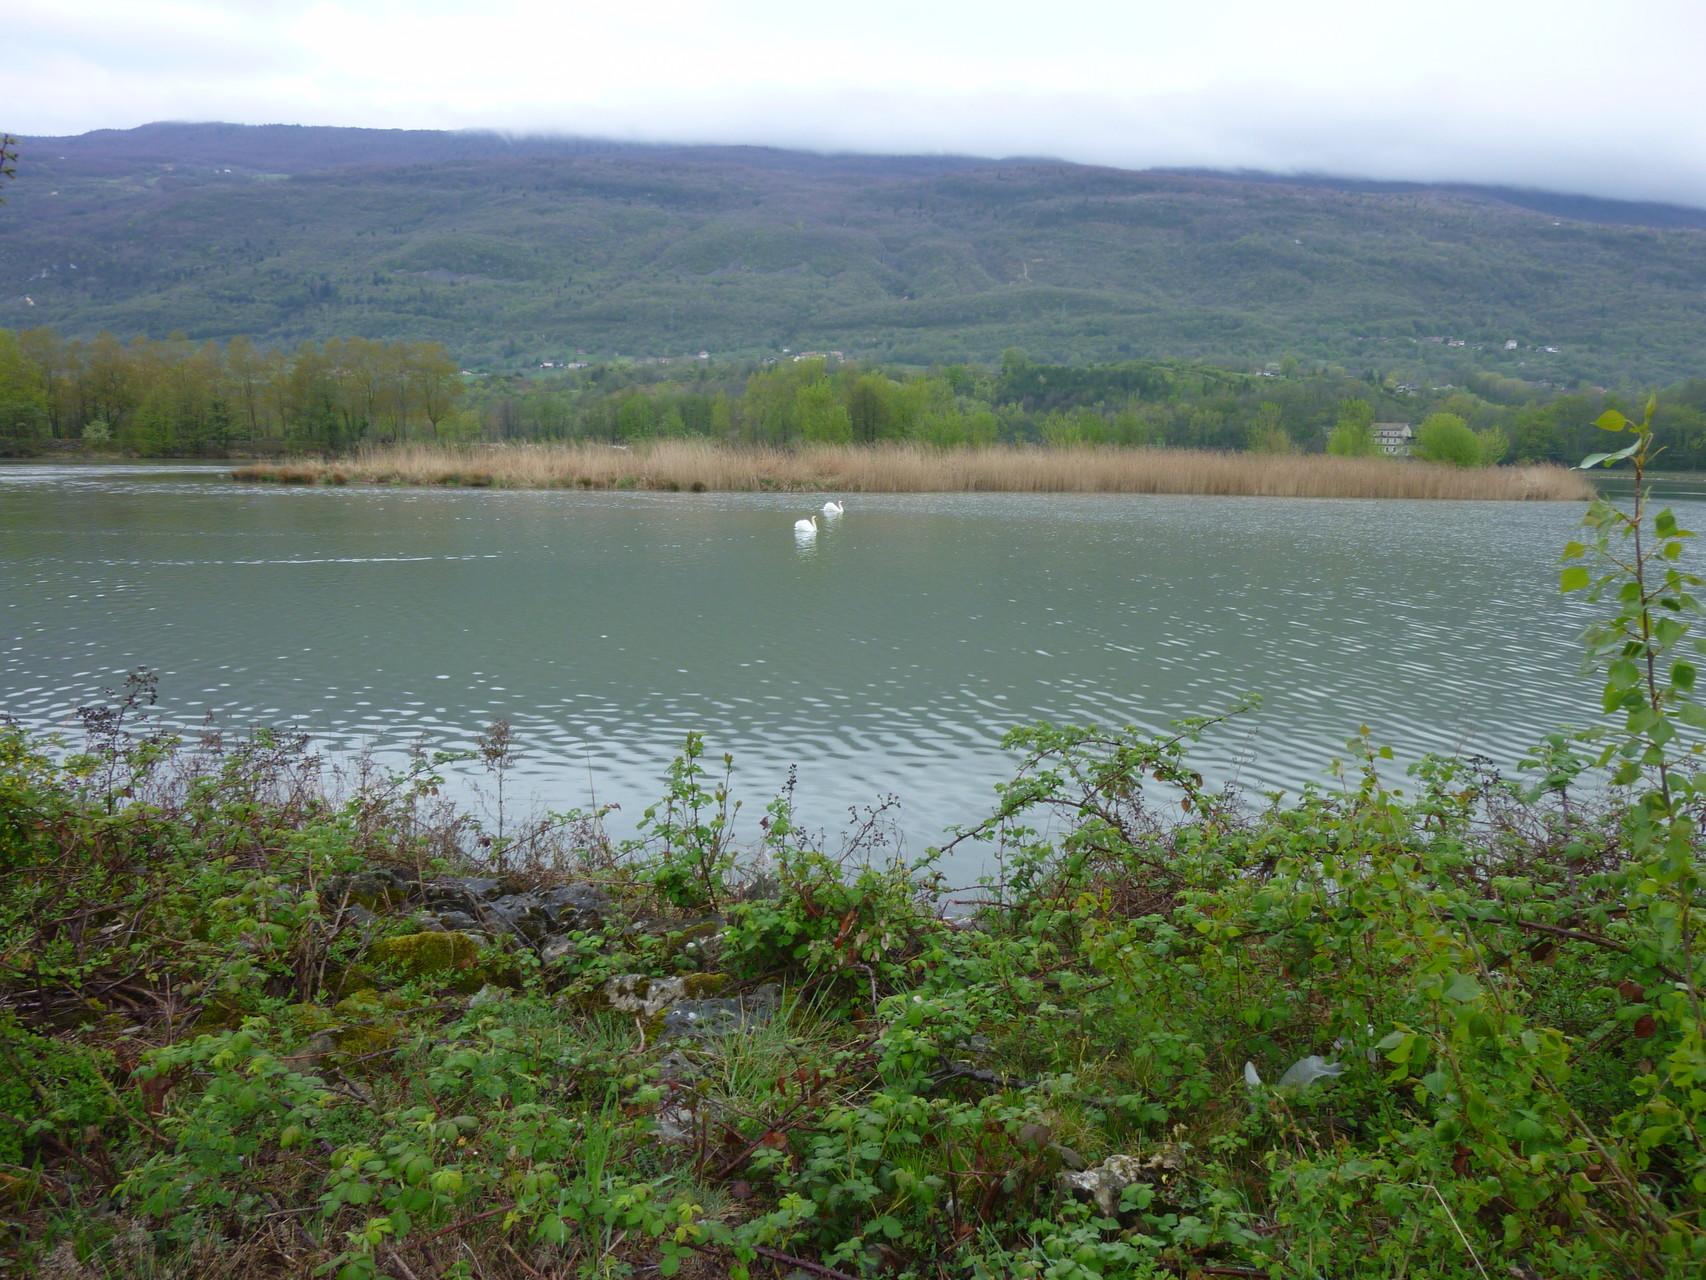 Le Rhône et ses cygnes